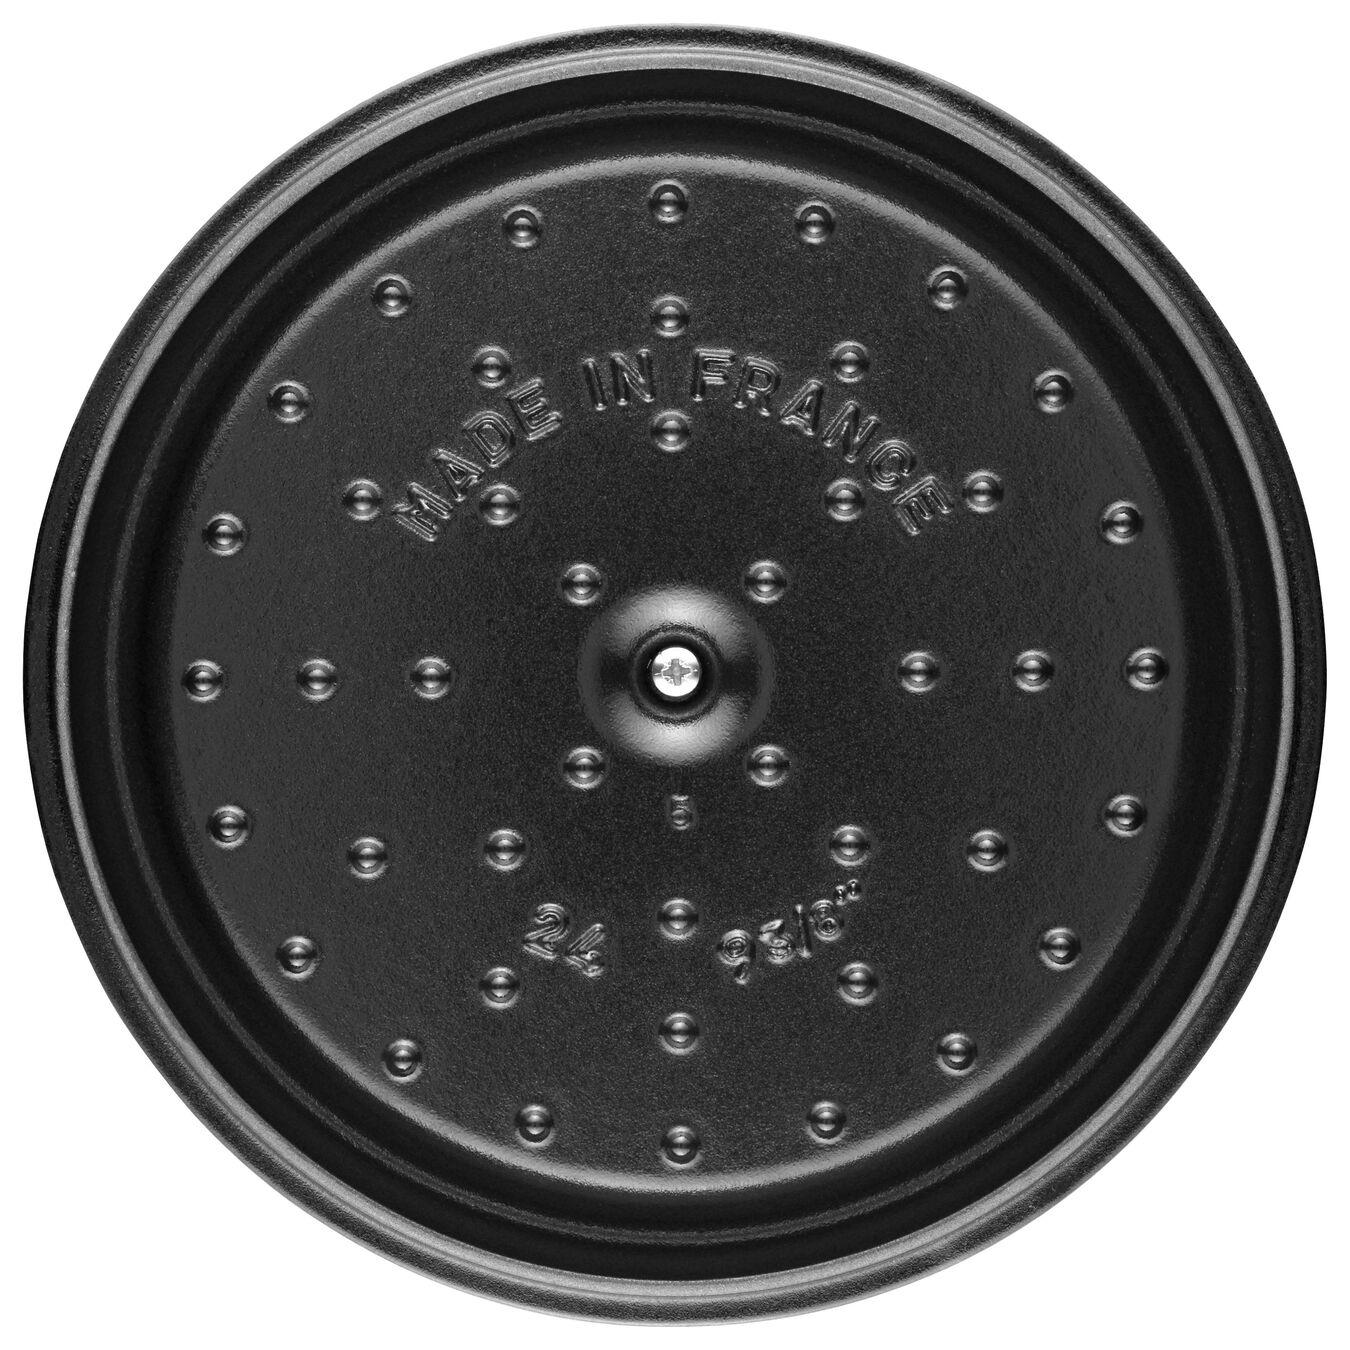 Cocotte 18 cm, rund, Weisser Trüffel, Gusseisen,,large 5